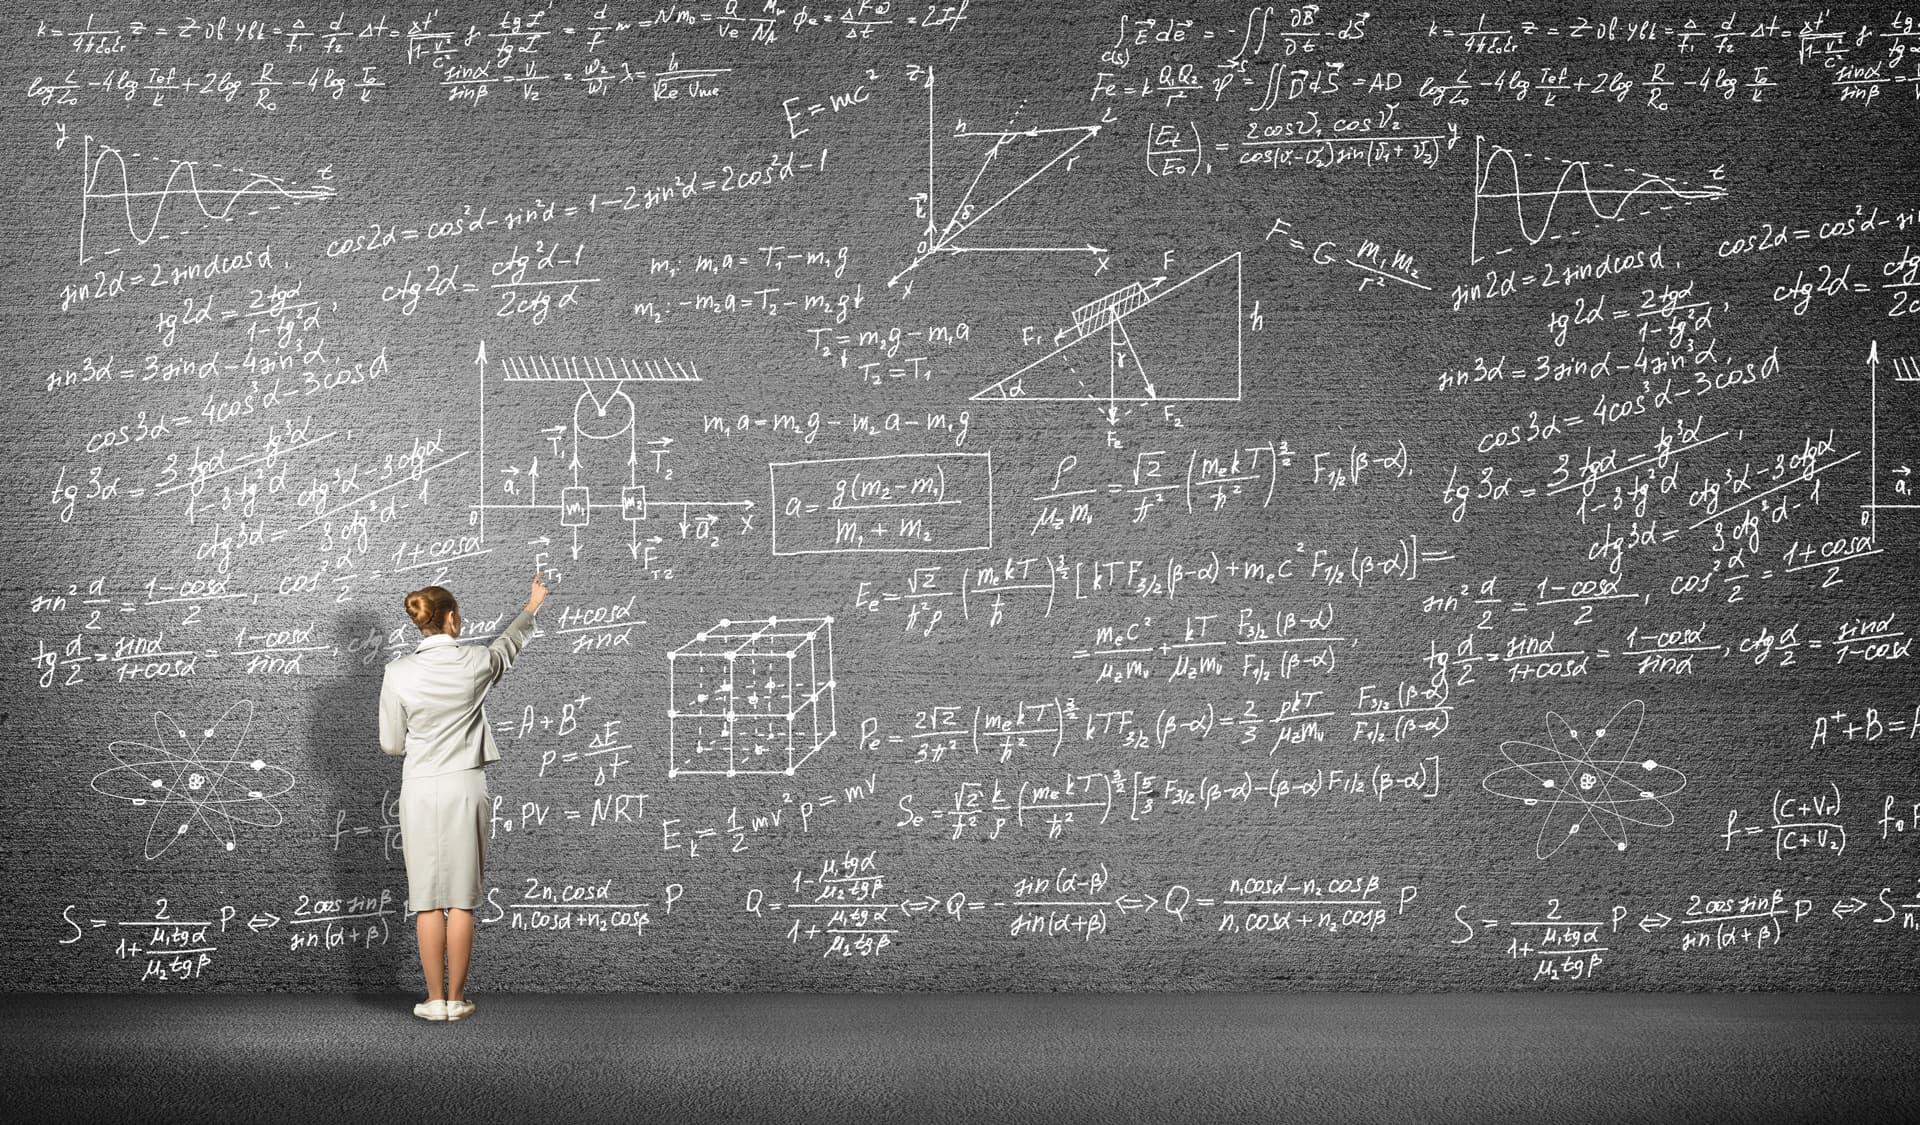 Eine Frau steht vor einer Tafel und schreibt Formeln auf